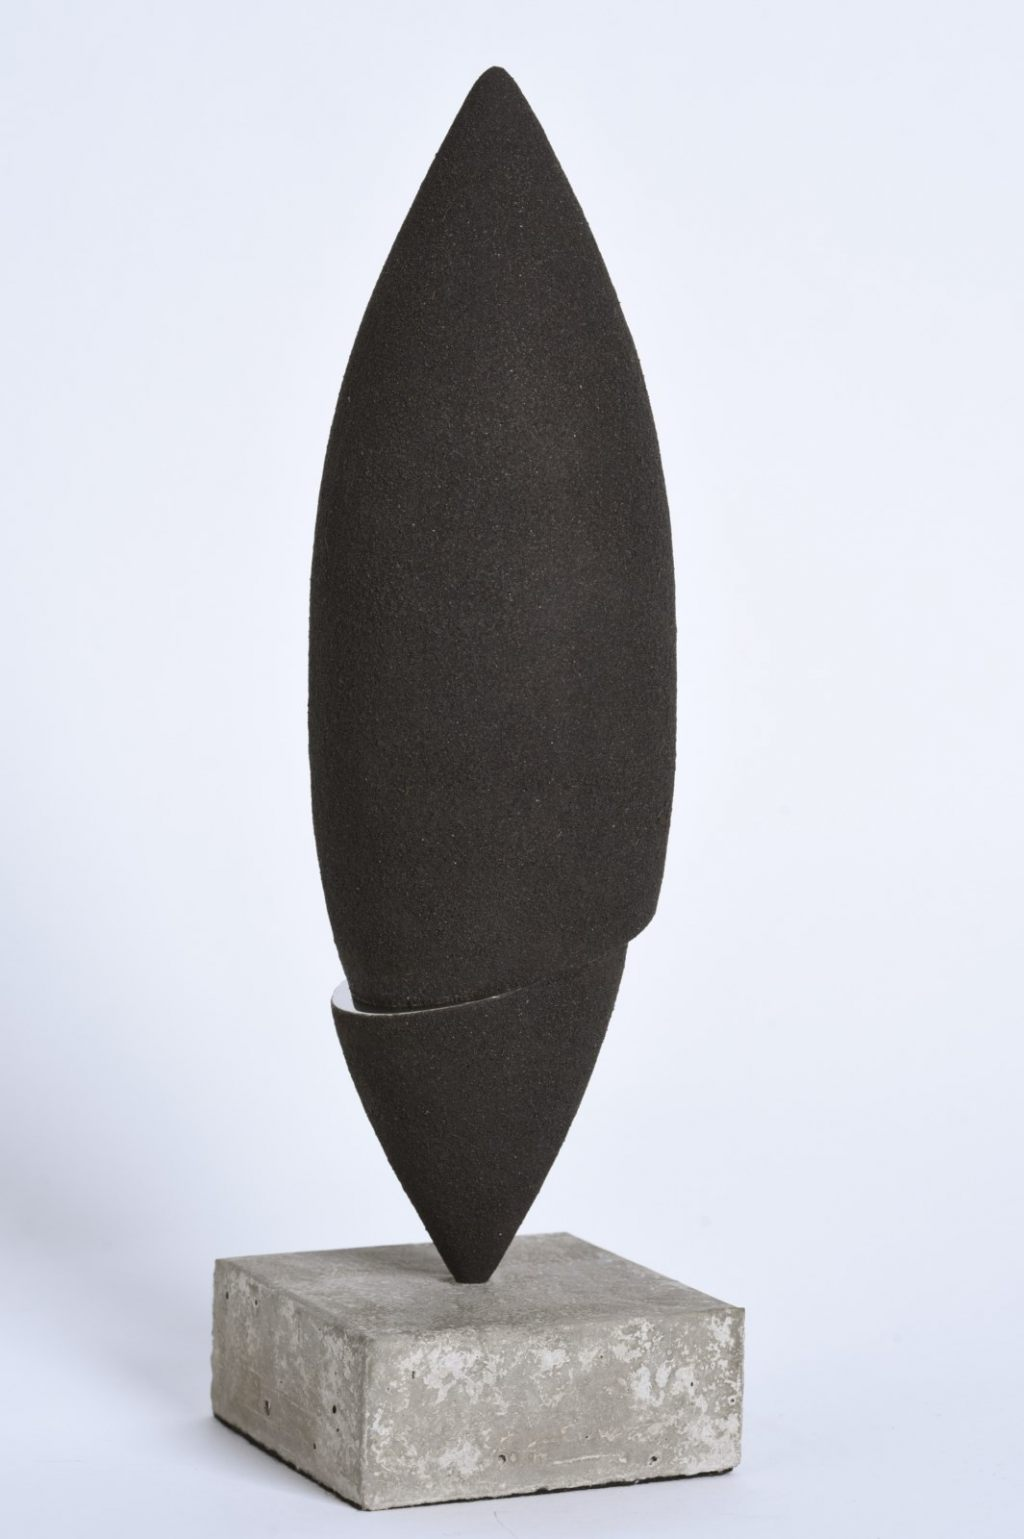 Sculpture-limaille-de-fer-inox-poli-miroir-hauteur:36cm-artiste-sculpteur-contemporain-Felix-Valdelievre-2016